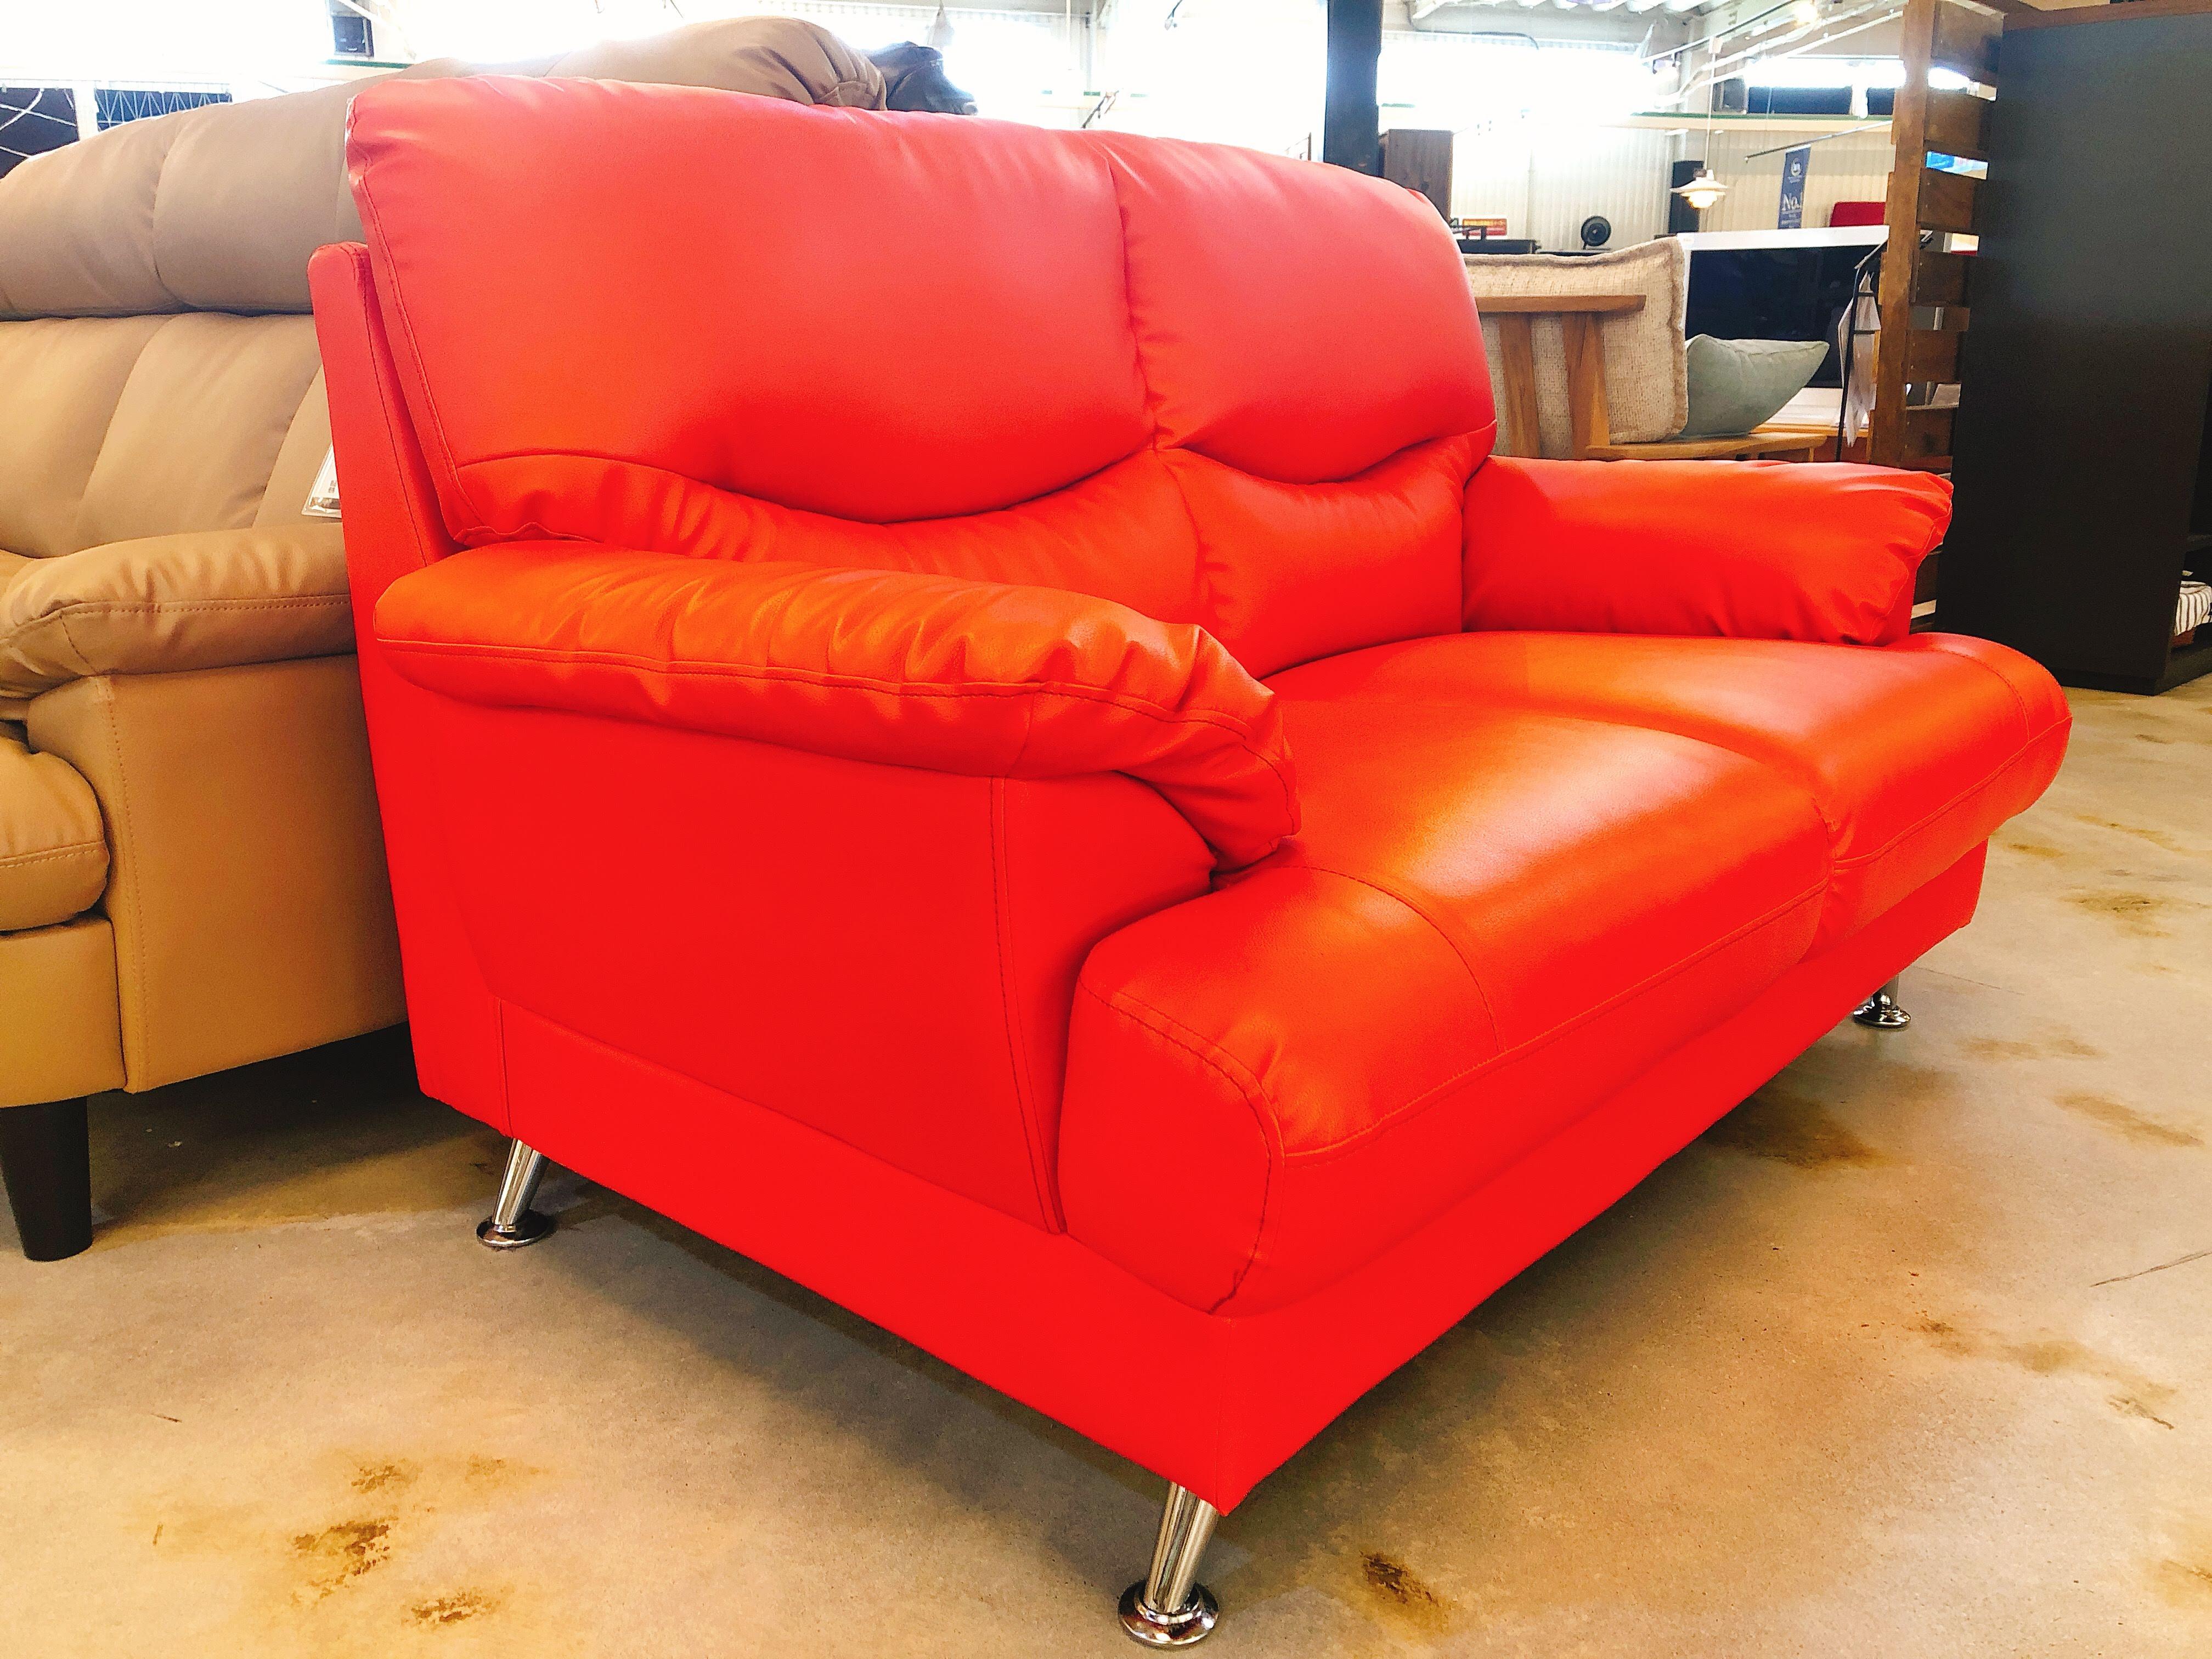 人工レザー(合皮)2人掛けソファー 展示入れ替えのため1点限りの画像2